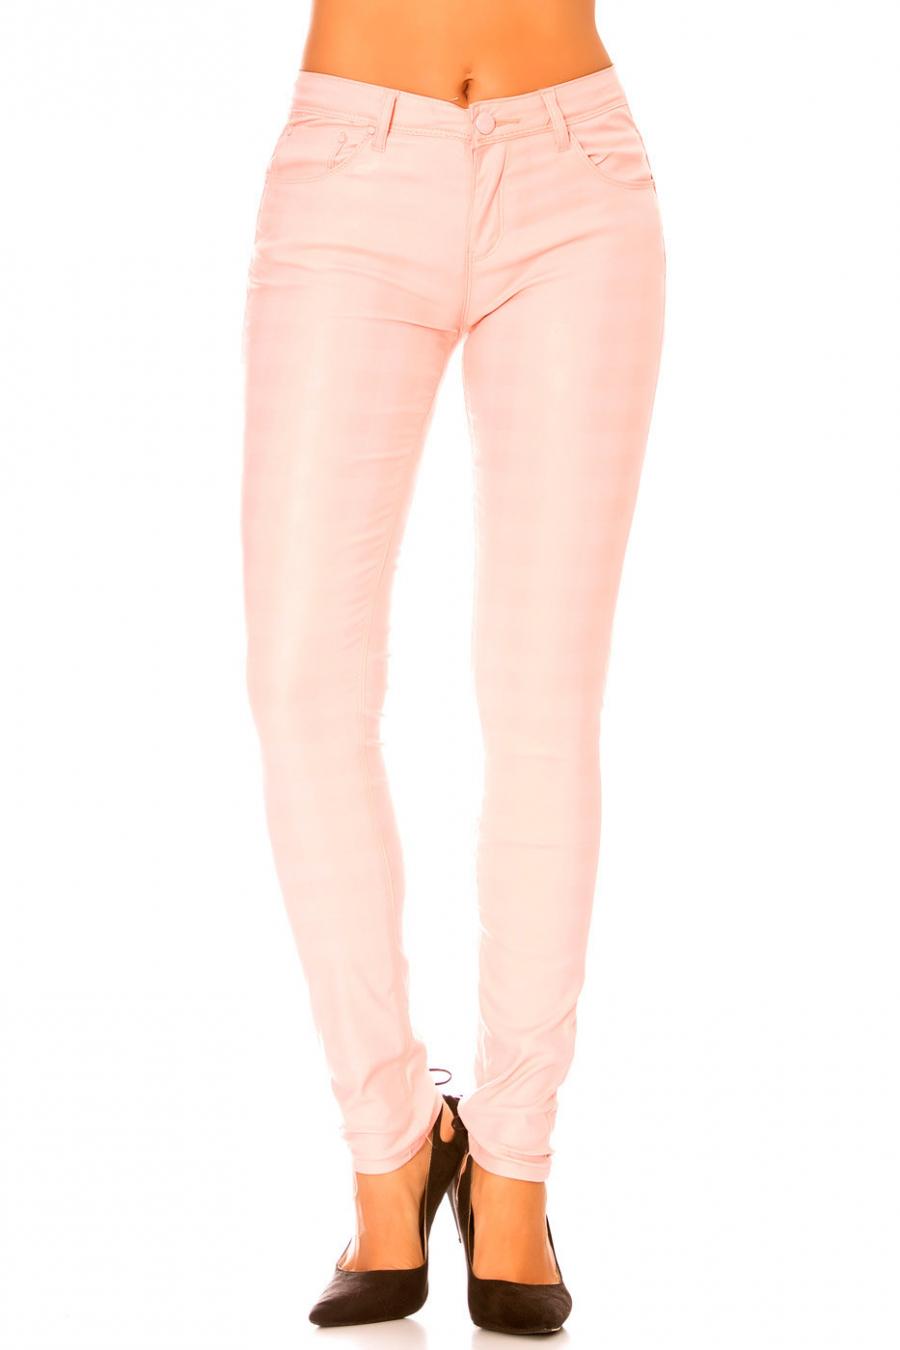 Glanzende roze broek met zakje en ruitpatroon. Mode broek s1799-2